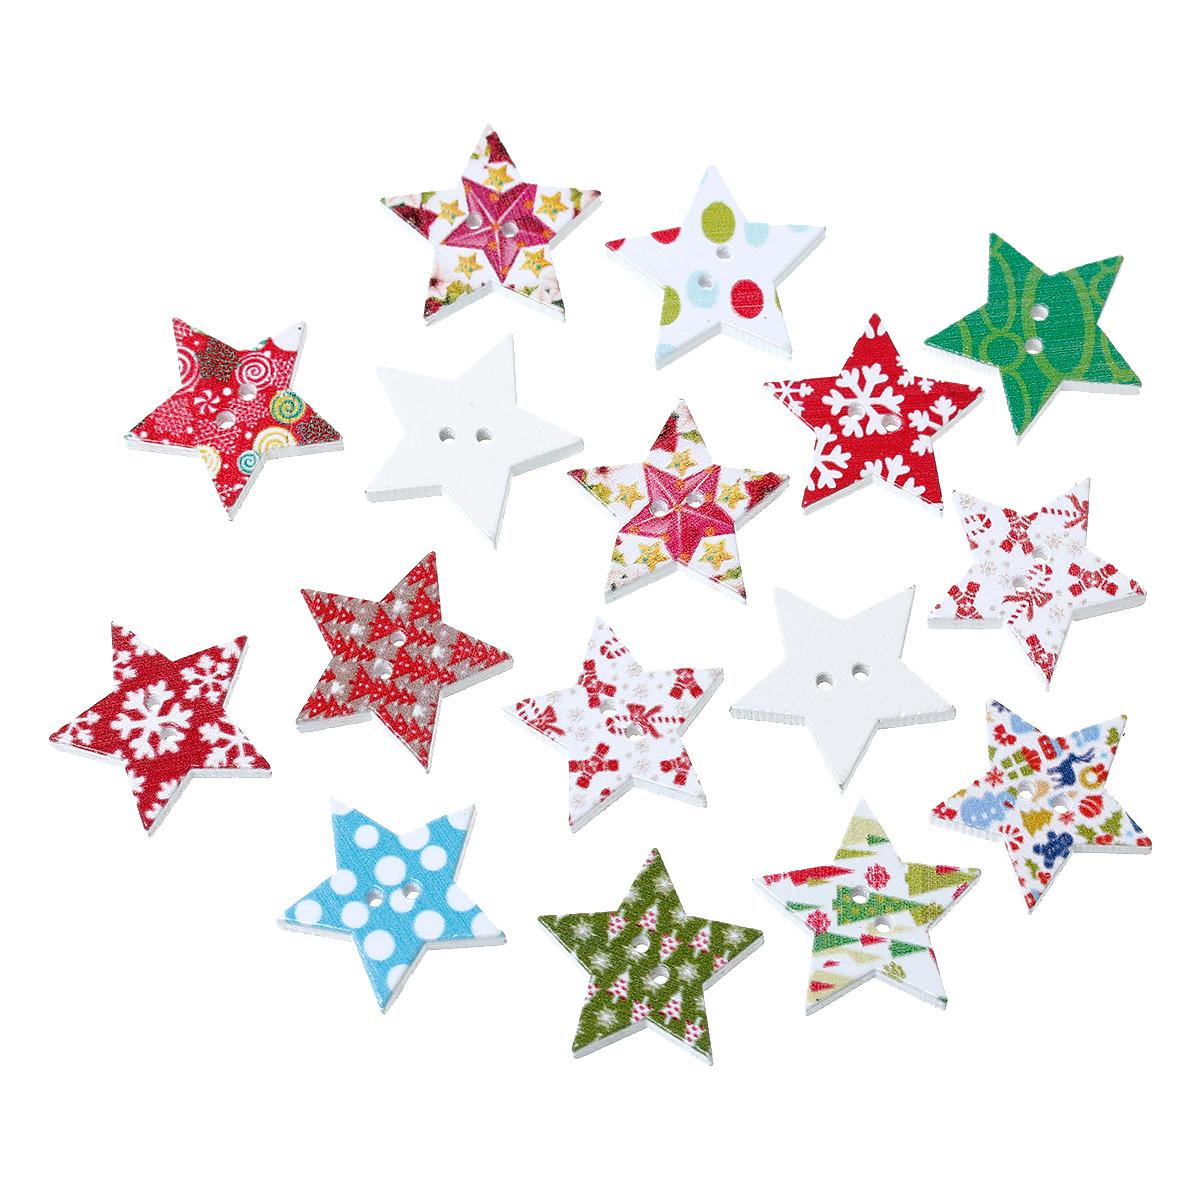 """Пуговица """" Звезда """", С двумя отверстиями, Разные яркие новогодние цвета, 25 мм x 24 мм, Упаковка: 10 шт."""